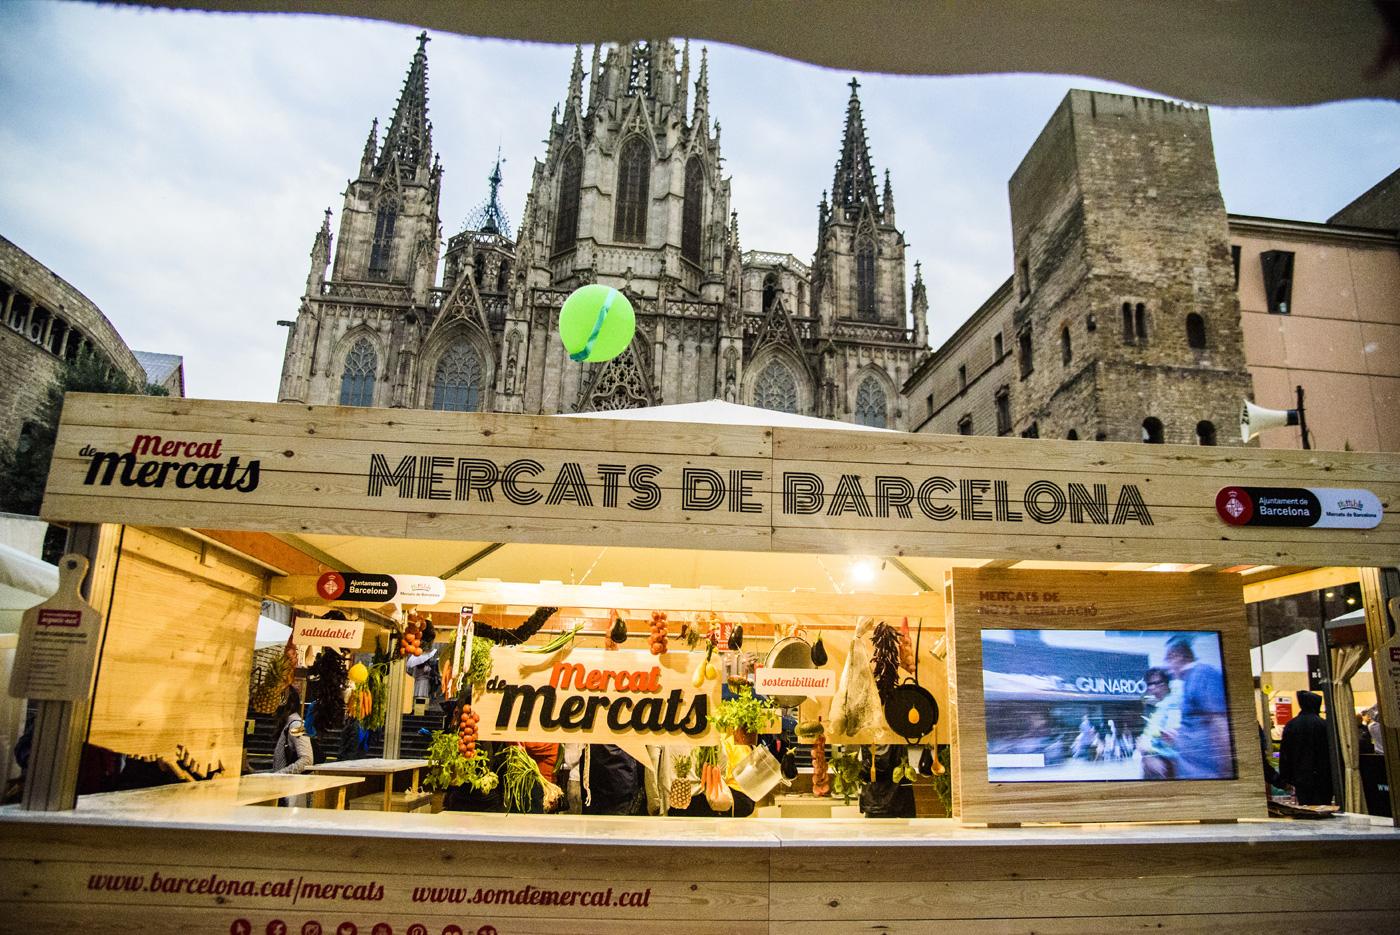 mercaos de barcelona